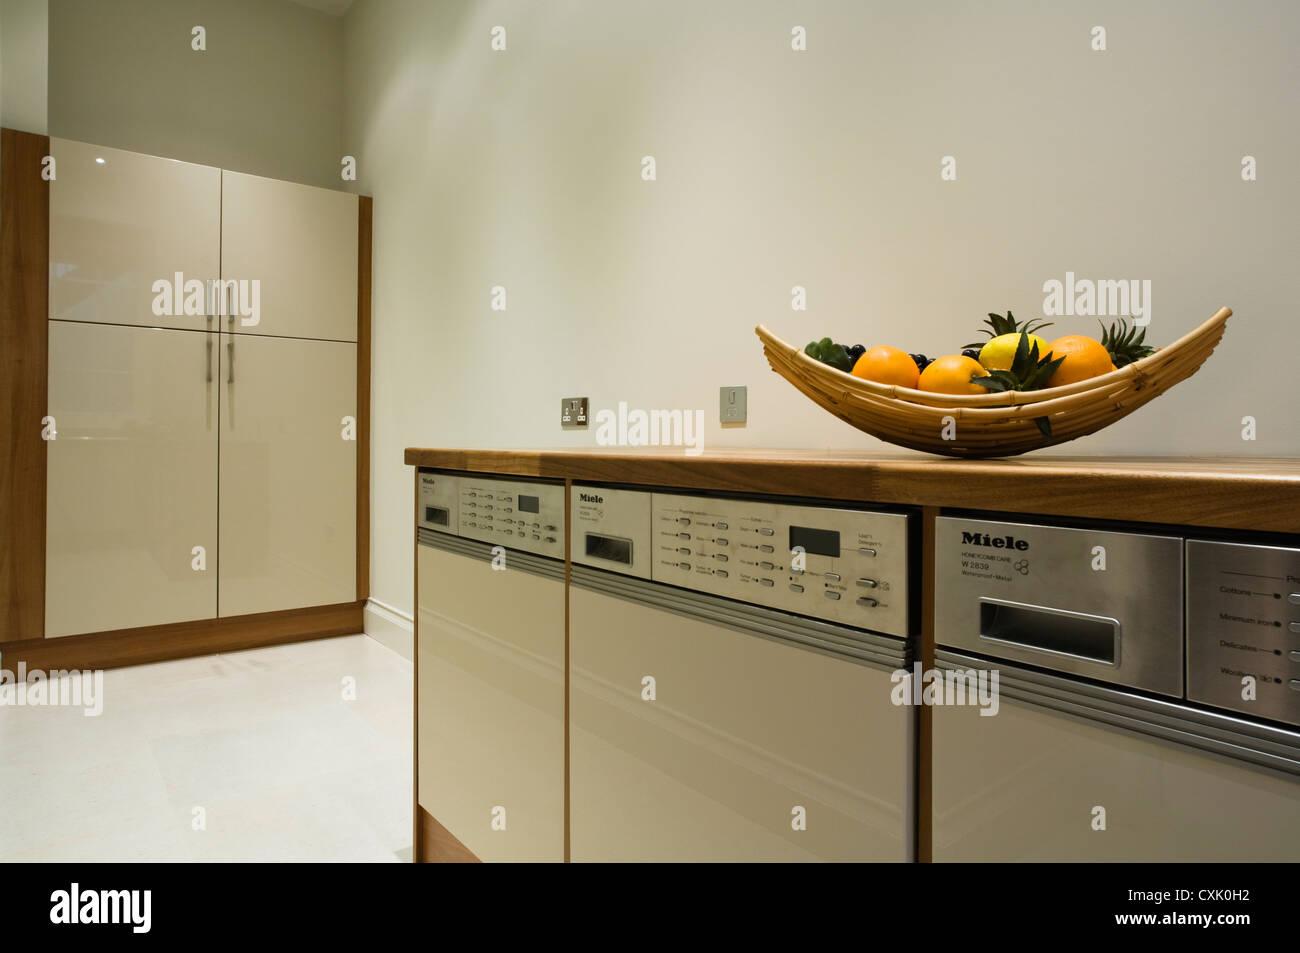 Farbe Innen Kuchenarbeitsplatte Schrank Ausgestattet Einheit